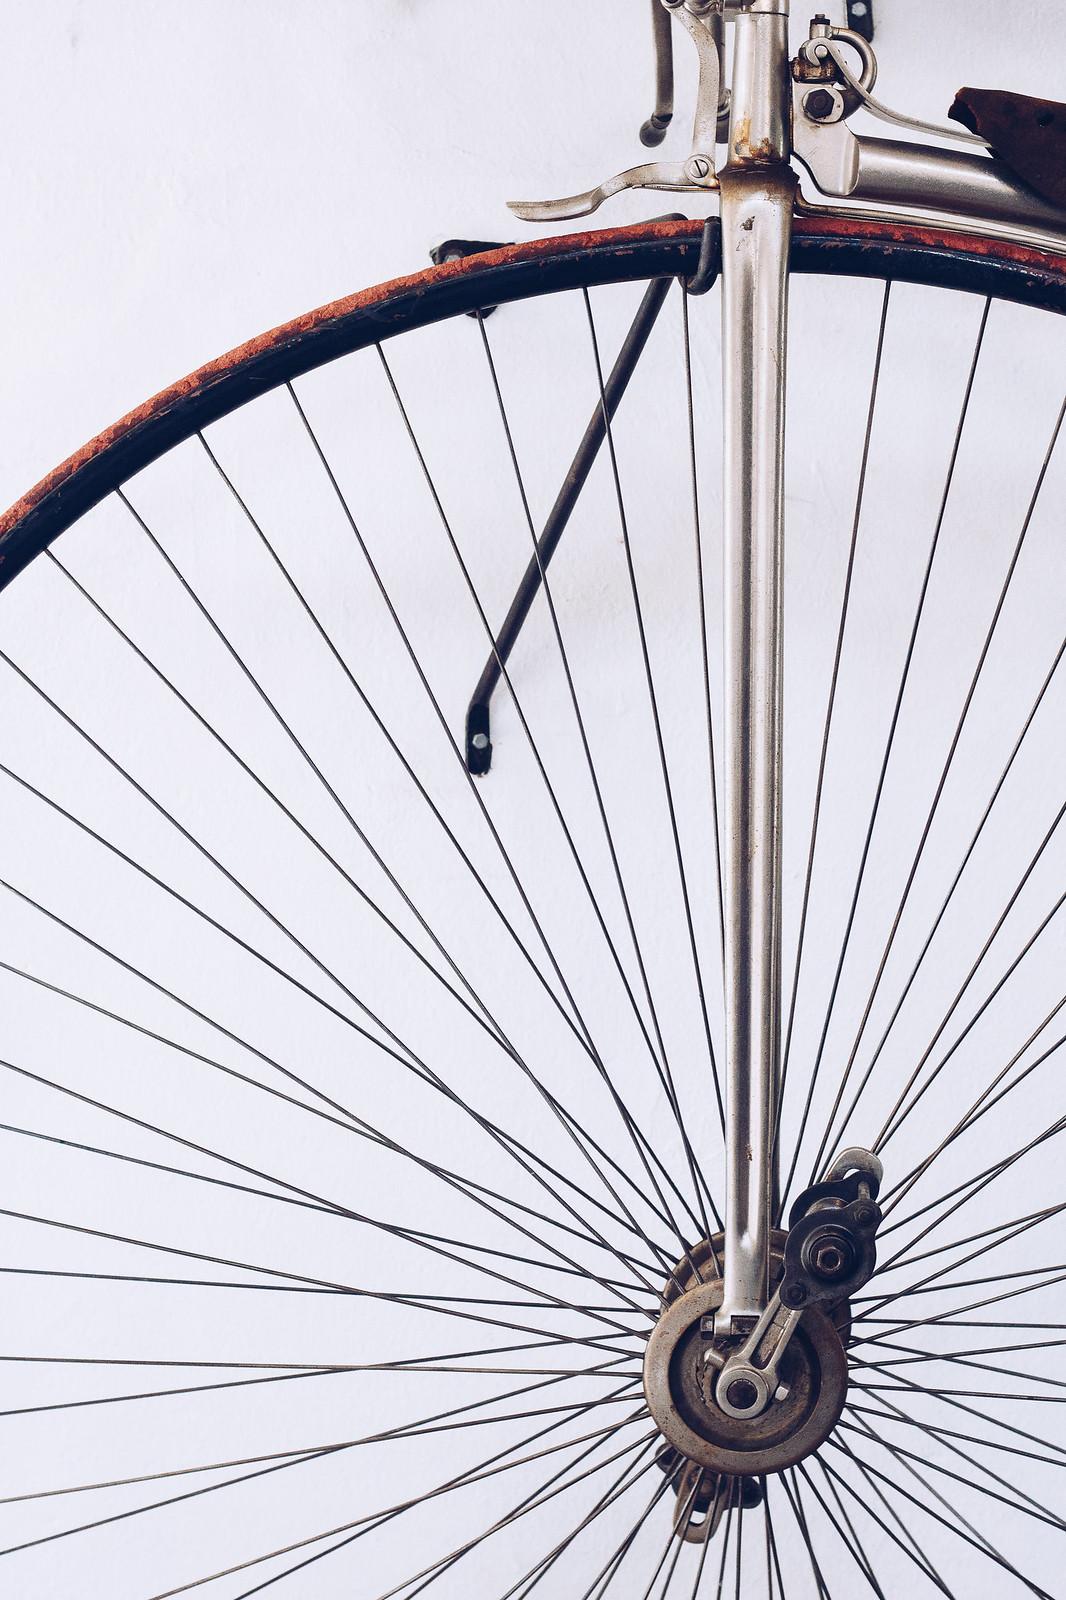 Cykelhjul och ekrar - reaktionista.se